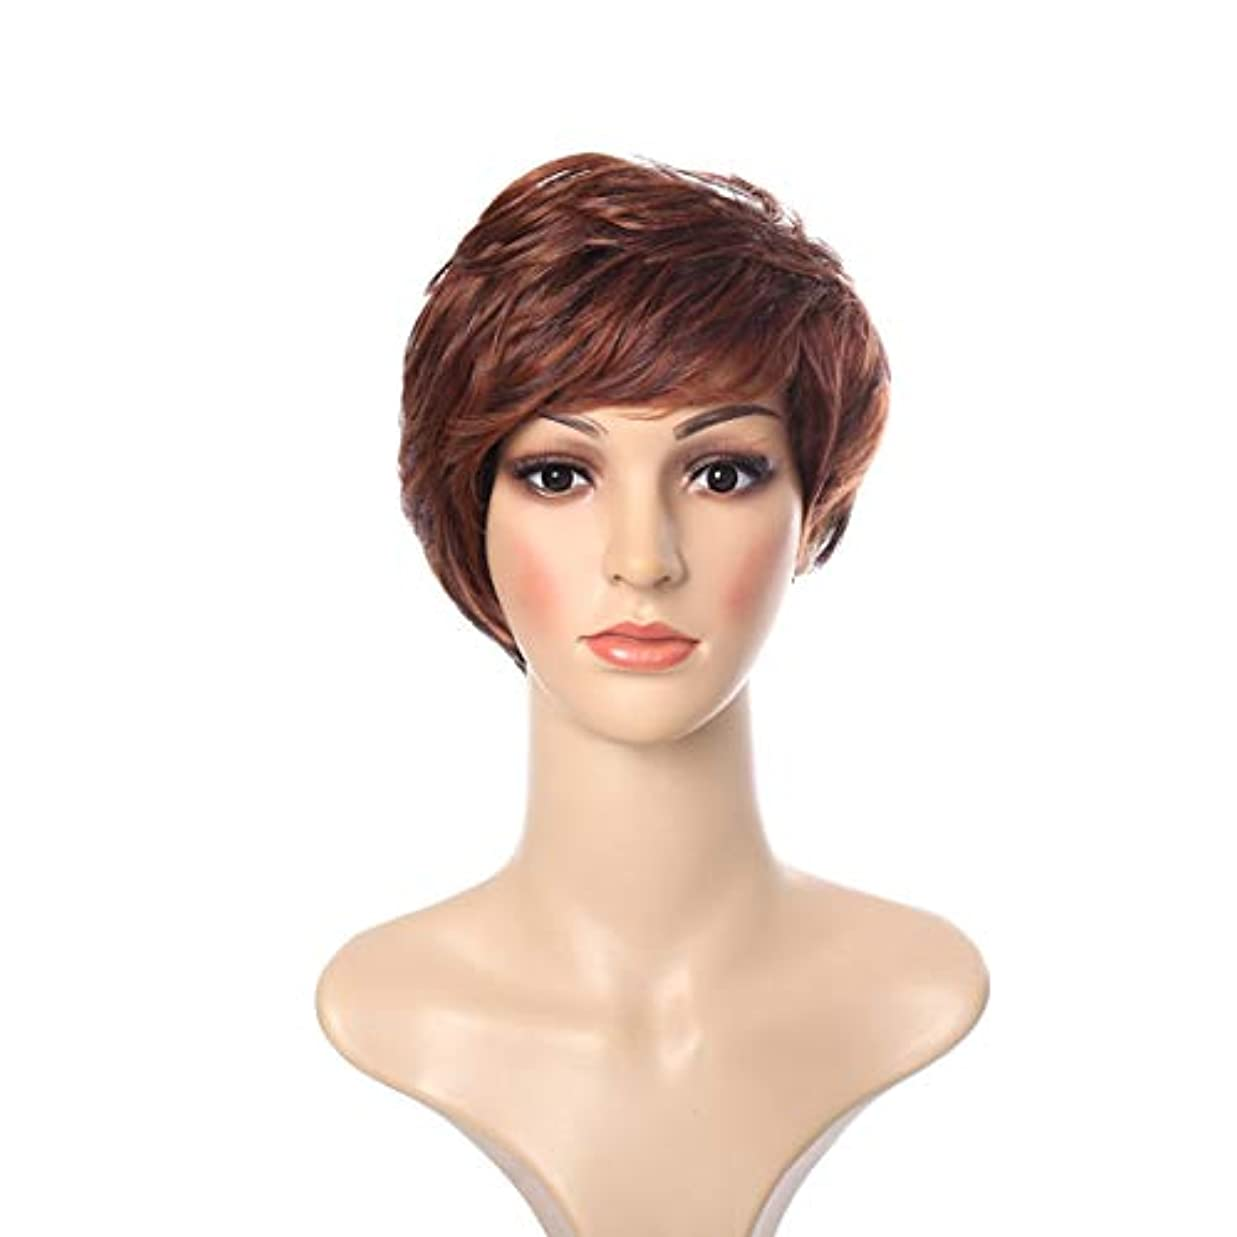 着実にチョップ腹部JIANFU ふわふわの偽のヘッドギアは、勾配ヨーロッパとアメリカのヘアスタイルの女性のショートヘアカール (Color : ブラウン)